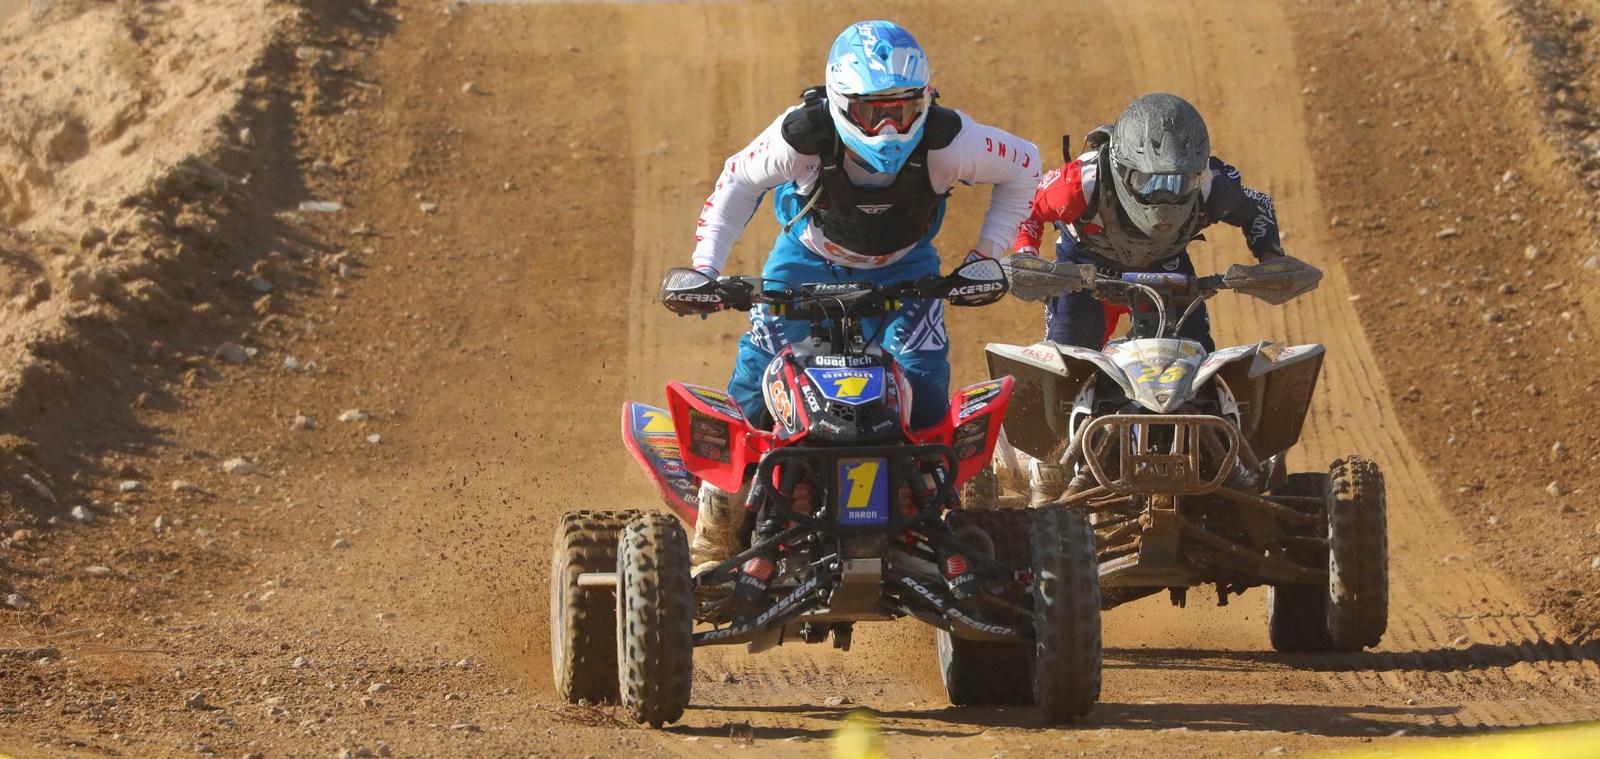 2020-01-beau-baron-mike-sloan-atv-worcs-racing